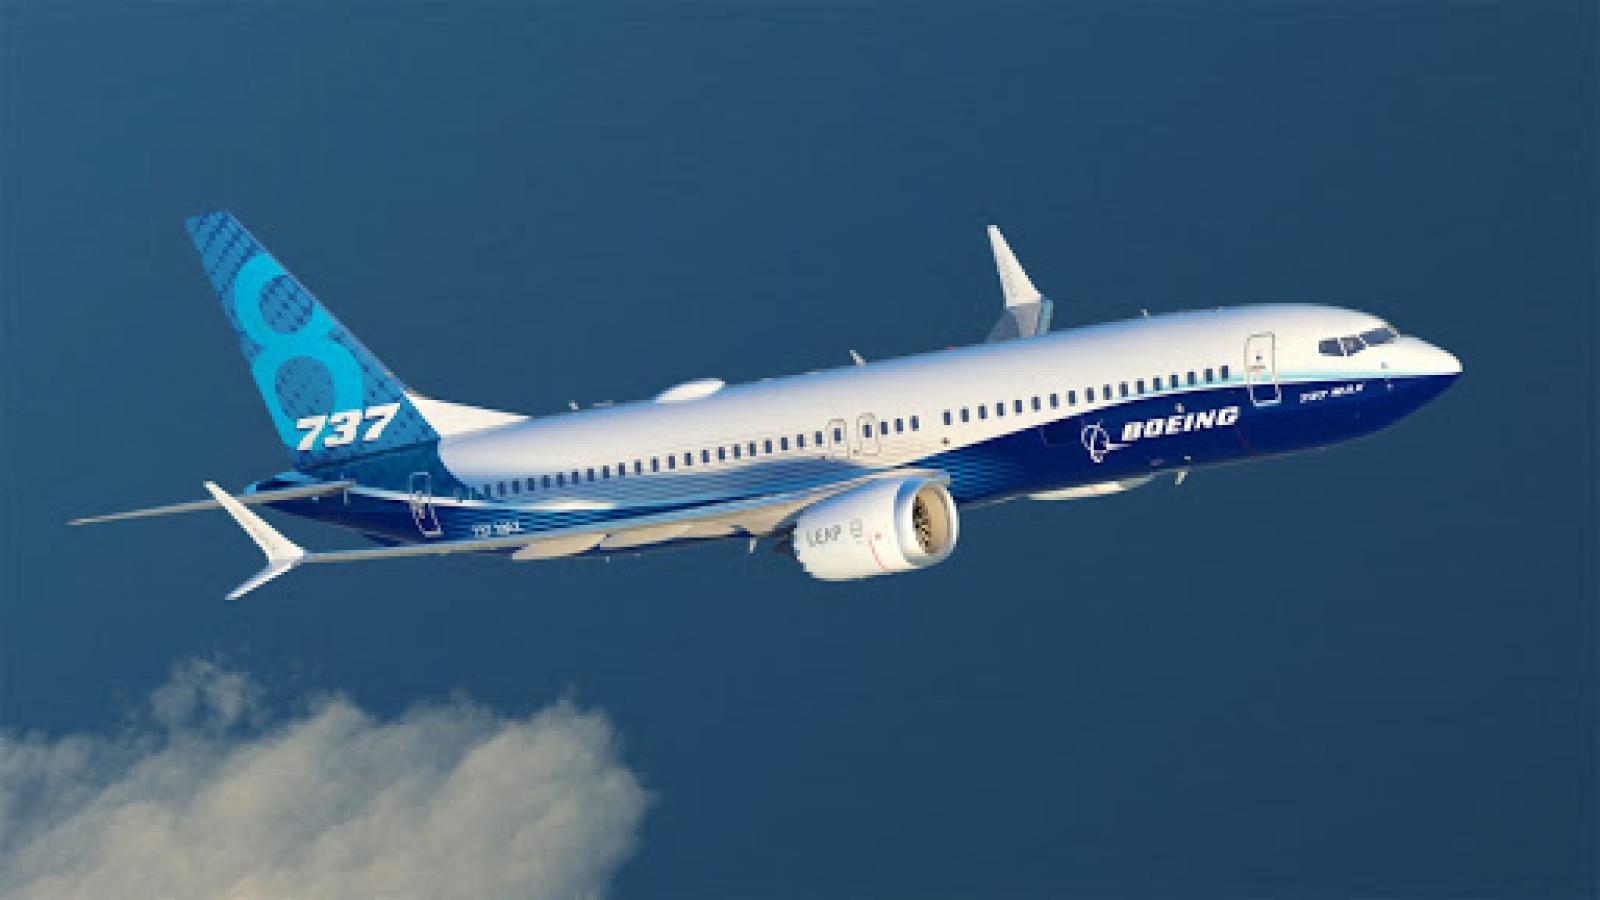 Mỹ cho phép dòng máy bay Boeing 737 MAX hoạt động trở lại